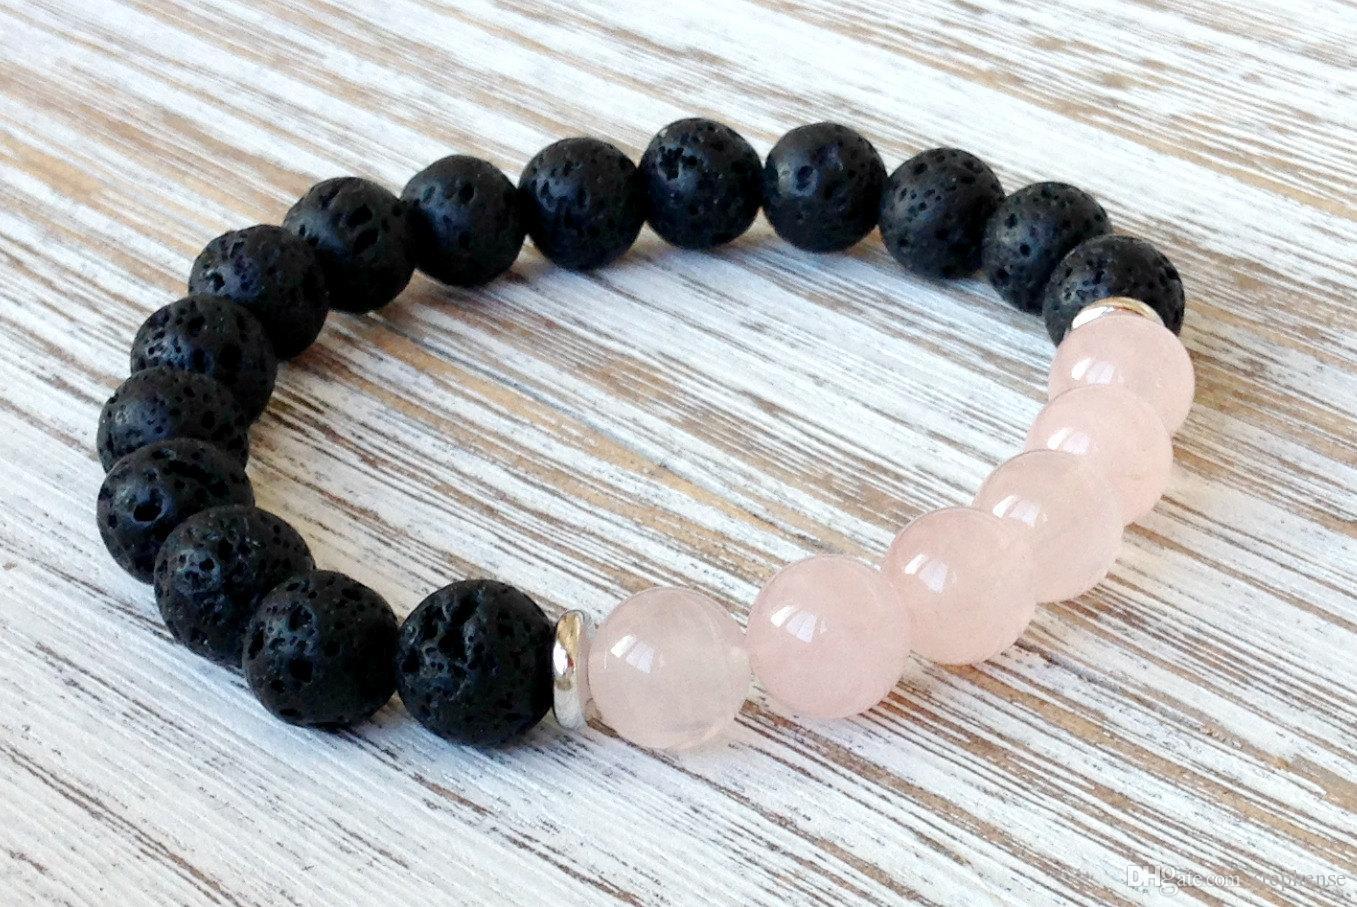 SN1061 Vente Chaude Rose Quartz Lava Yoga Bracelet Cristaux De Guérison Poignet Mala Perles Chakra Bijoux En Pierre Naturelle Yoga Bracelet